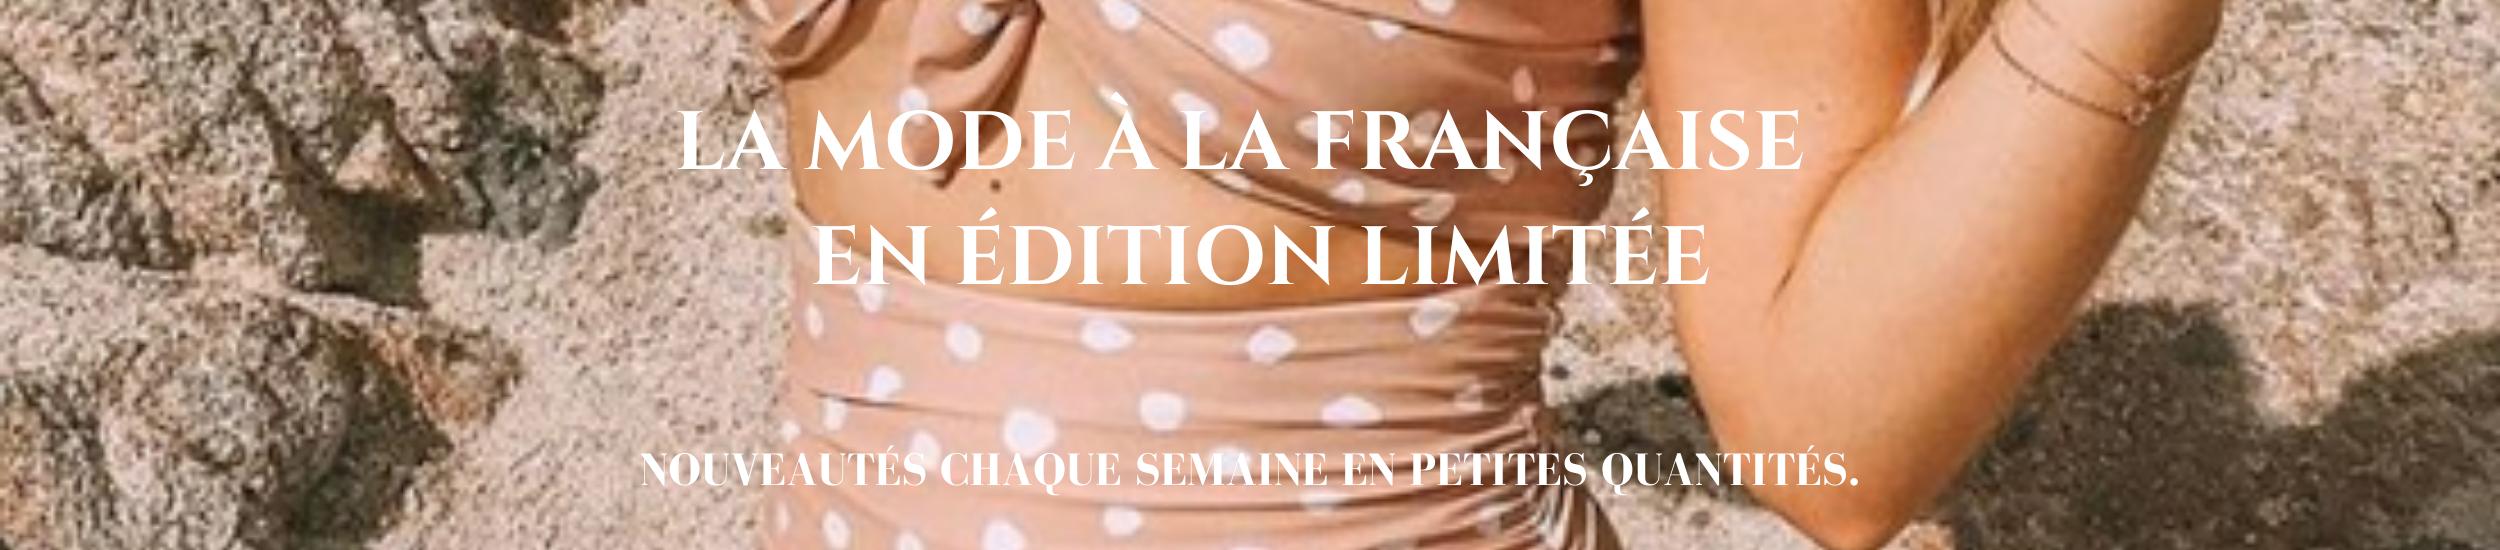 La Selection Parisienne : Vêtements femme, Bijoux fantaisie, Maillots de bain & accessoires mode en édition limitée.